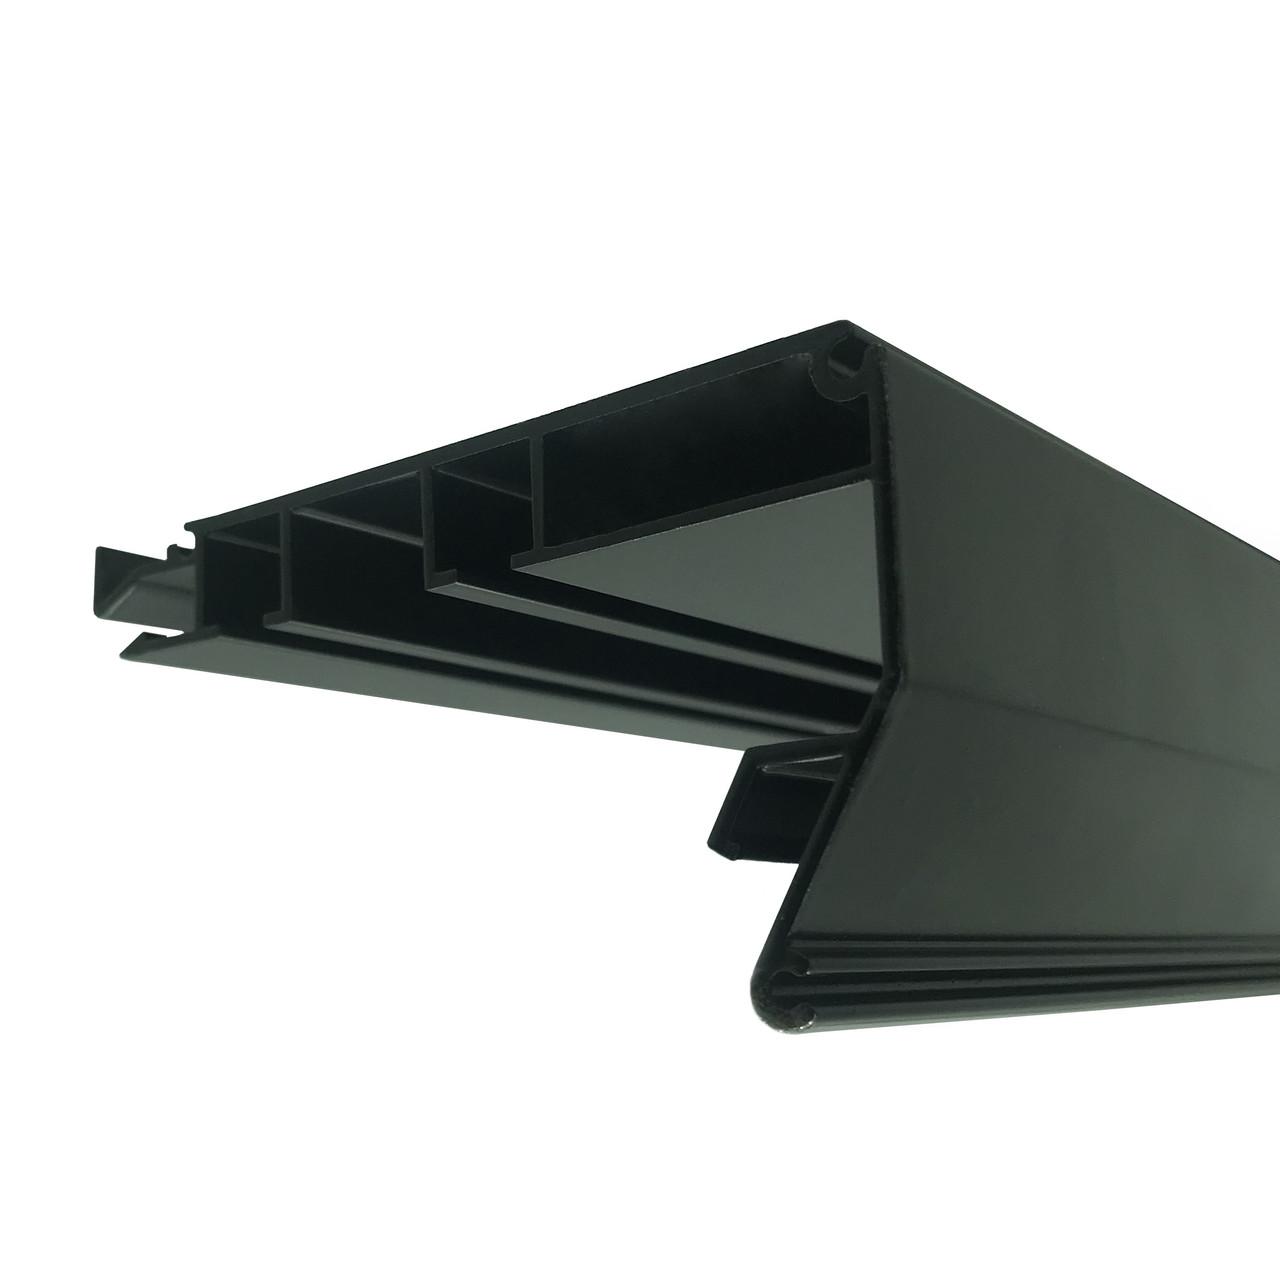 Профиль Гардина в Черном цвете для натяжных потолков. Двухполосный. С крючками для штор. Длина профиля 2,5 м.